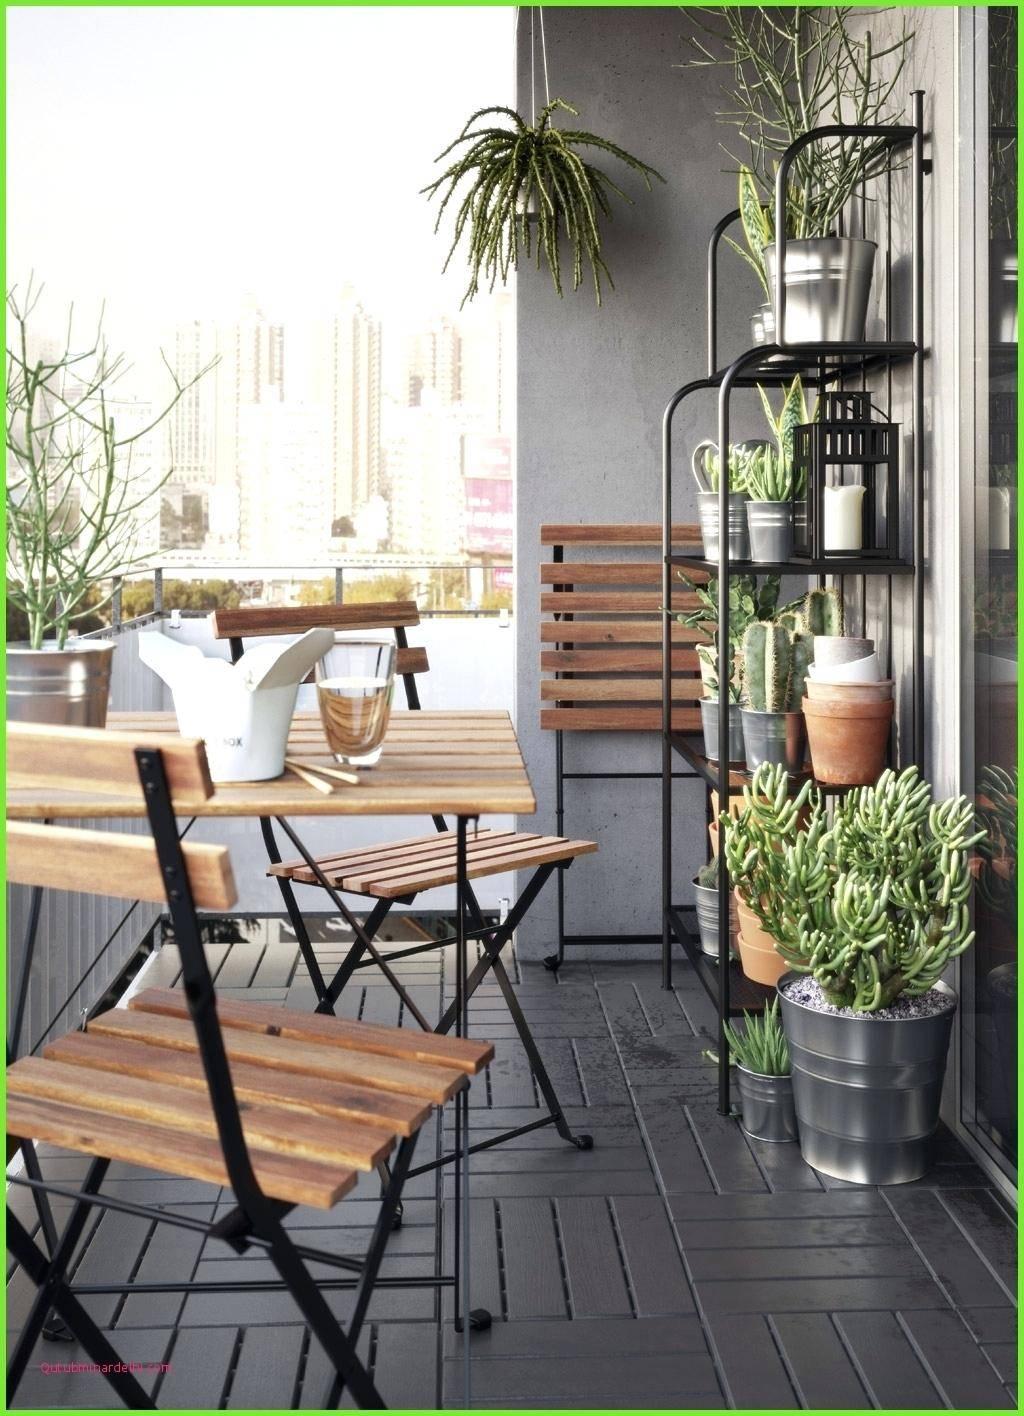 deko ideen fur kleines wohnzimmer inspirierend deko fur balkon of deko ideen fur kleines wohnzimmer